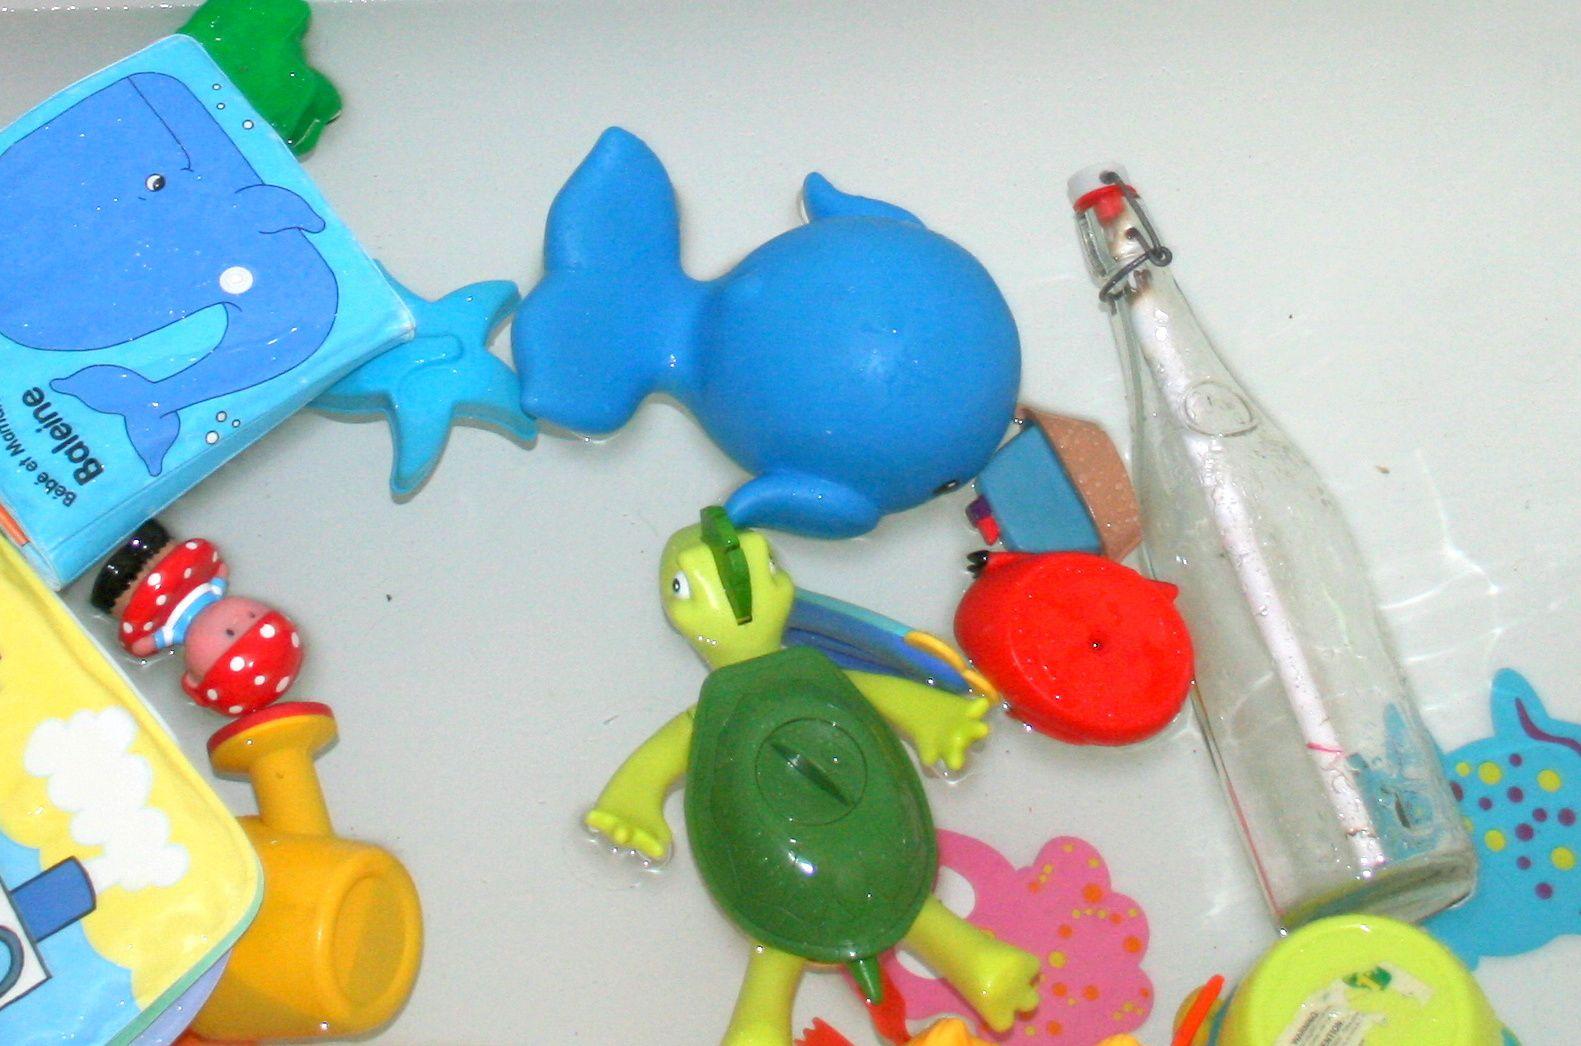 Une bouteille a la mer !Anniversaire, fête d'enfants la chasse au trésor marin.